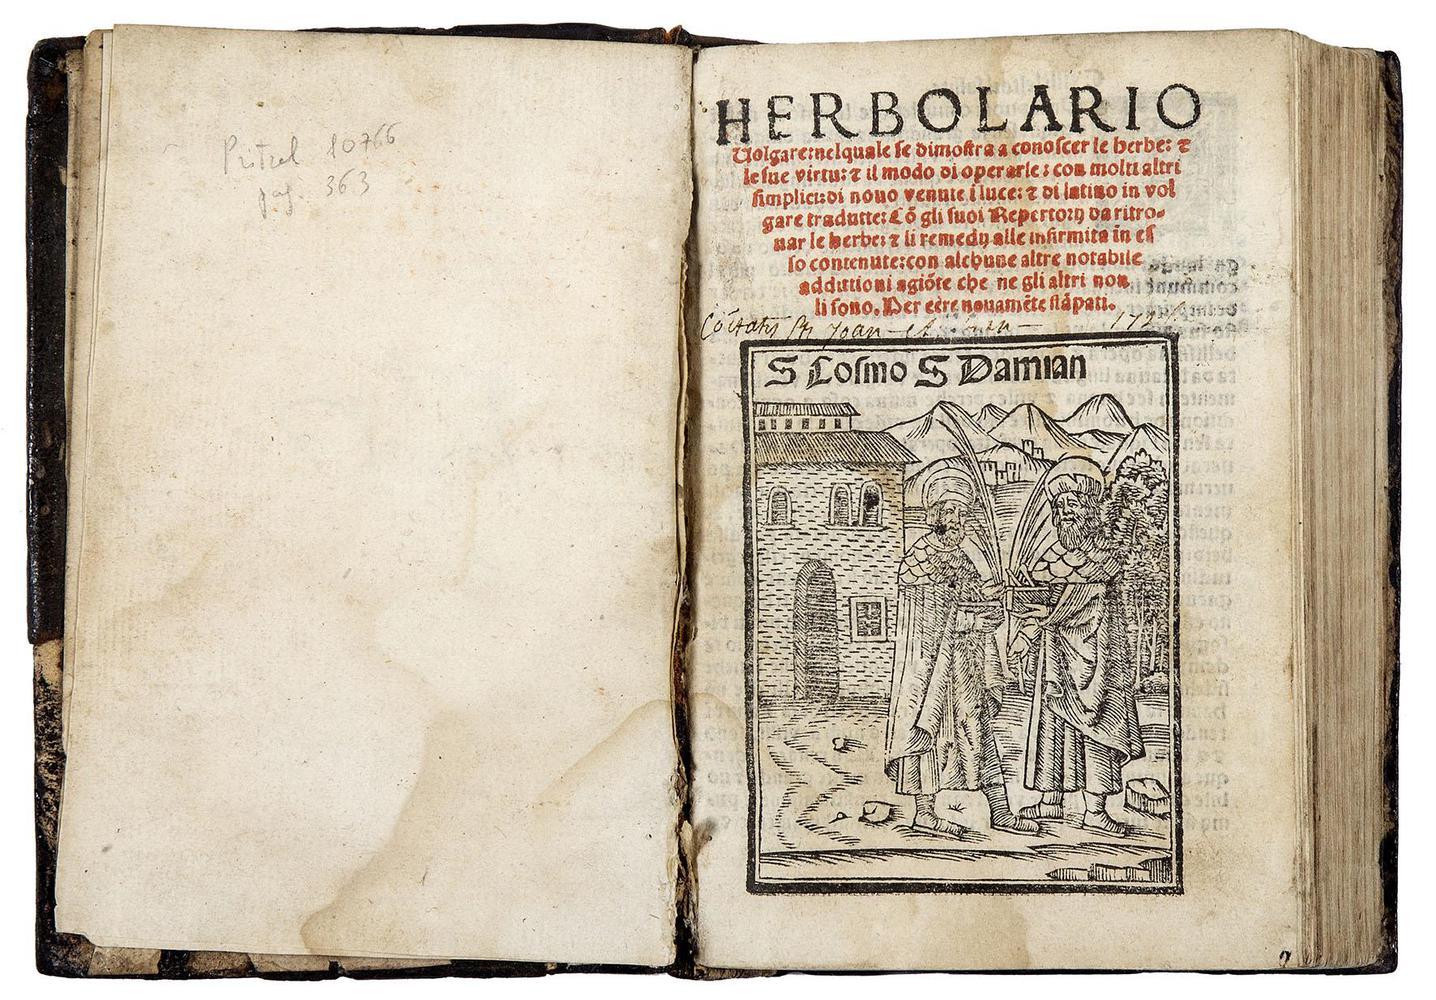 bernardino ramazzini biografia en español